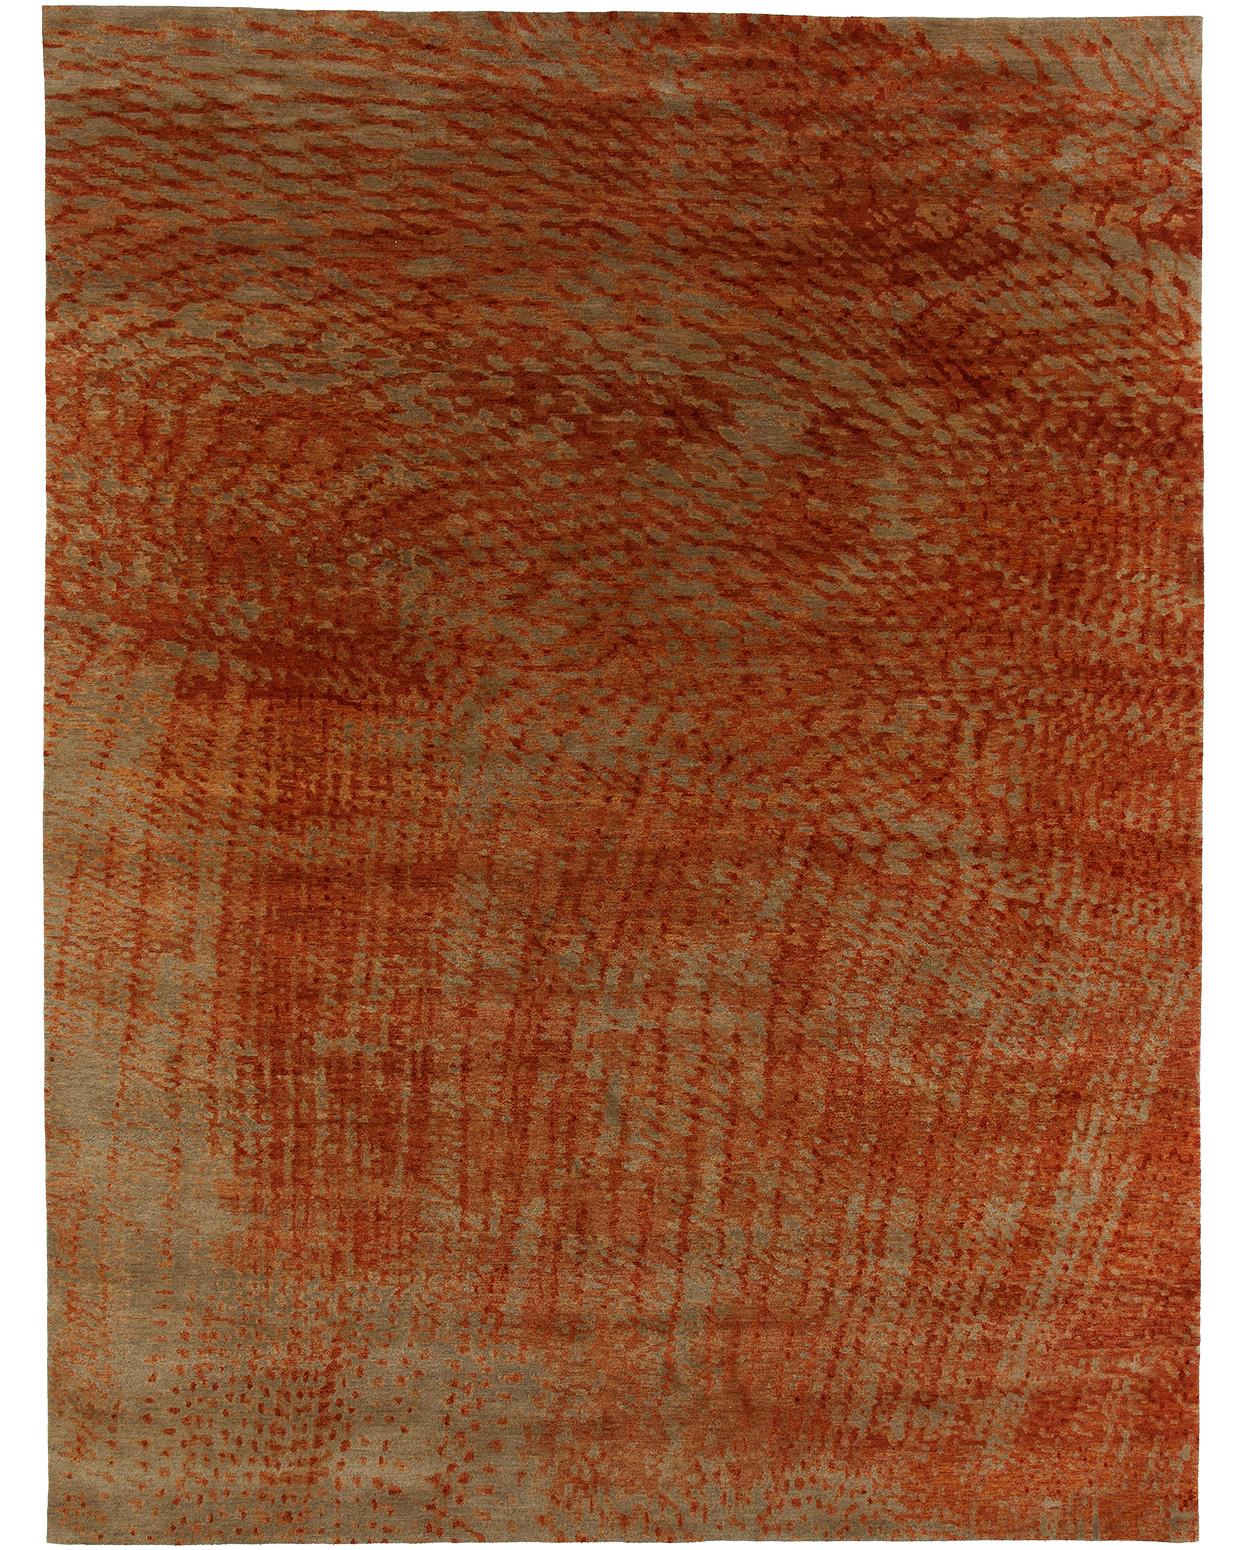 Fishnet, Red